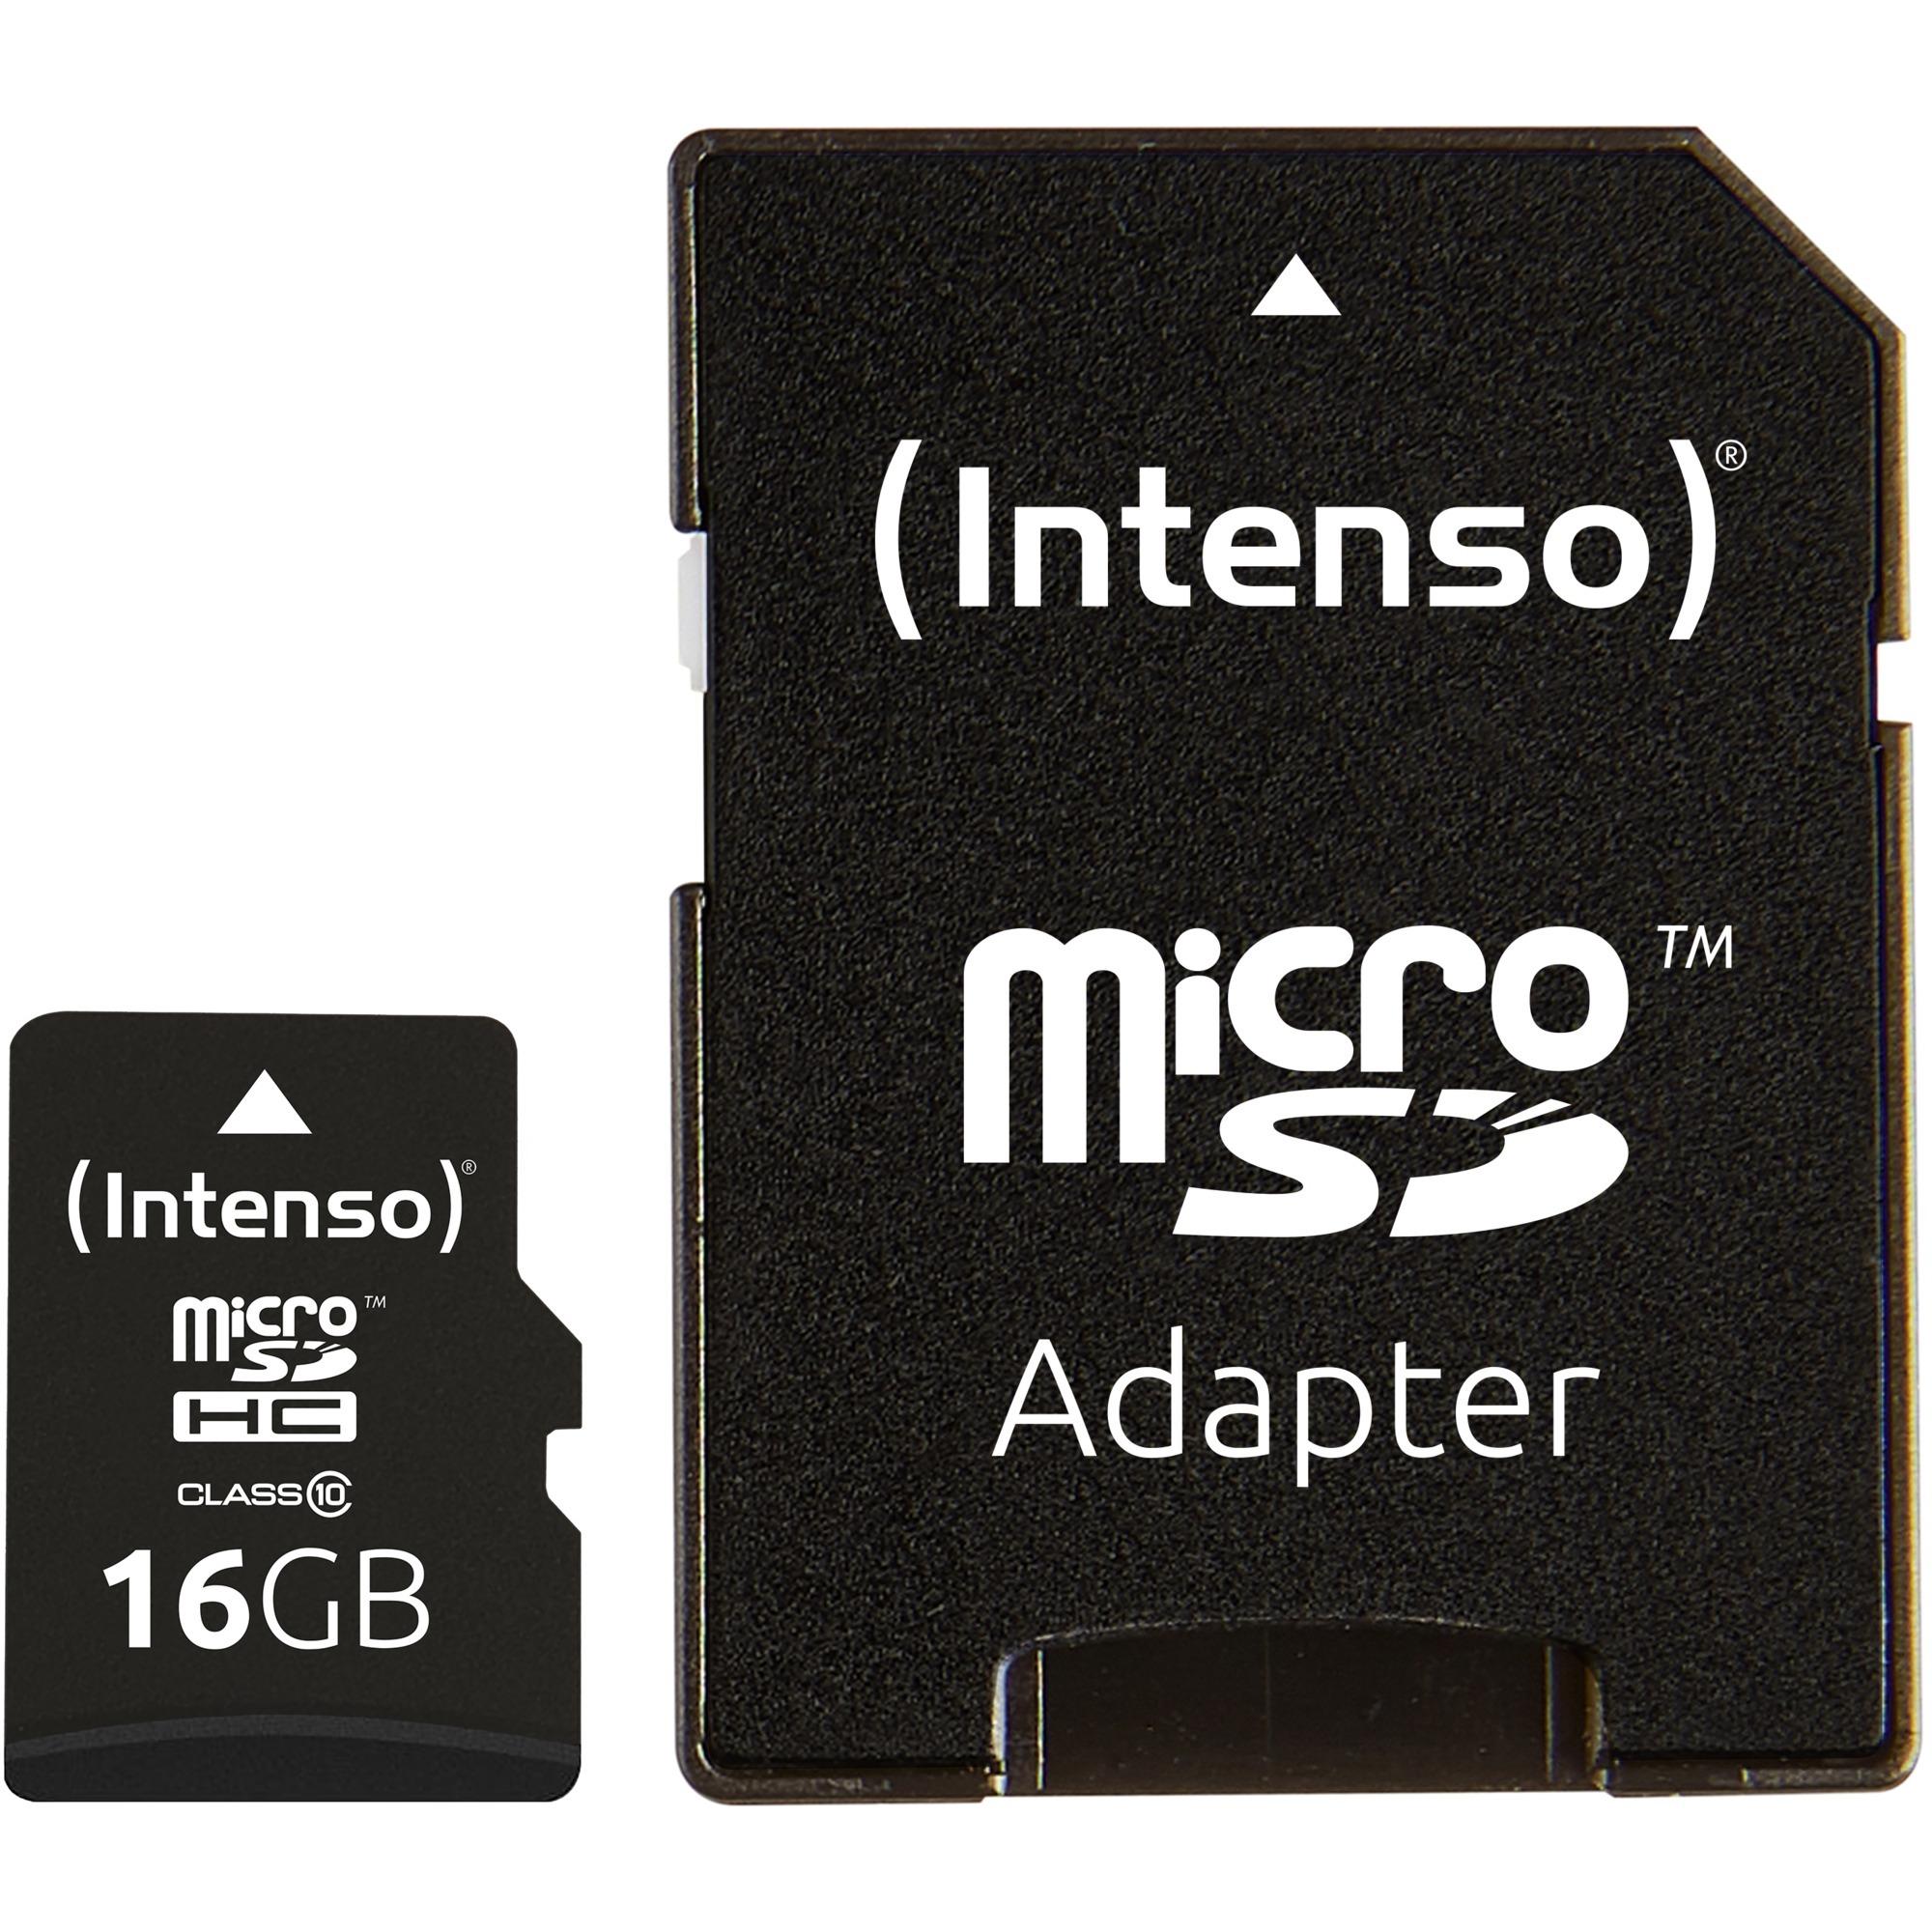 16GB MicroSDHC 16GB MicroSDHC Clase 10 memoria flash, Tarjeta de memoria